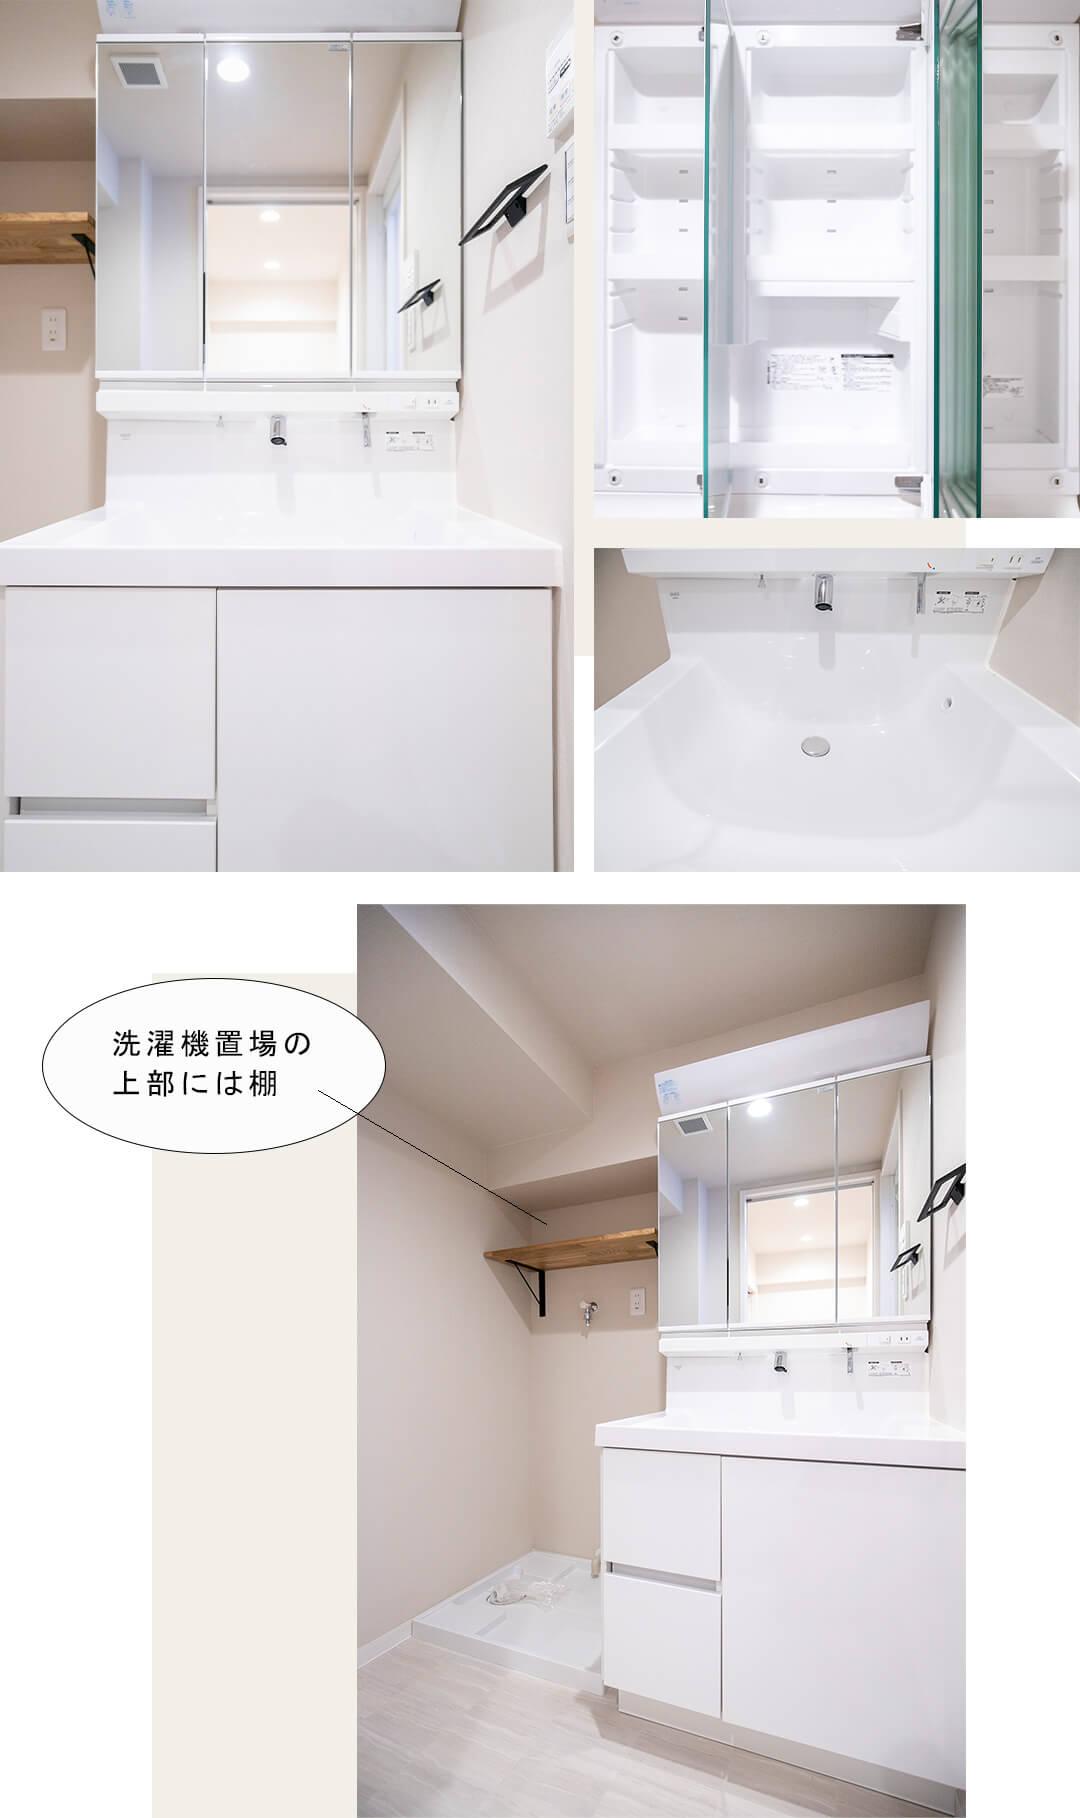 ラティス成城の洗面室